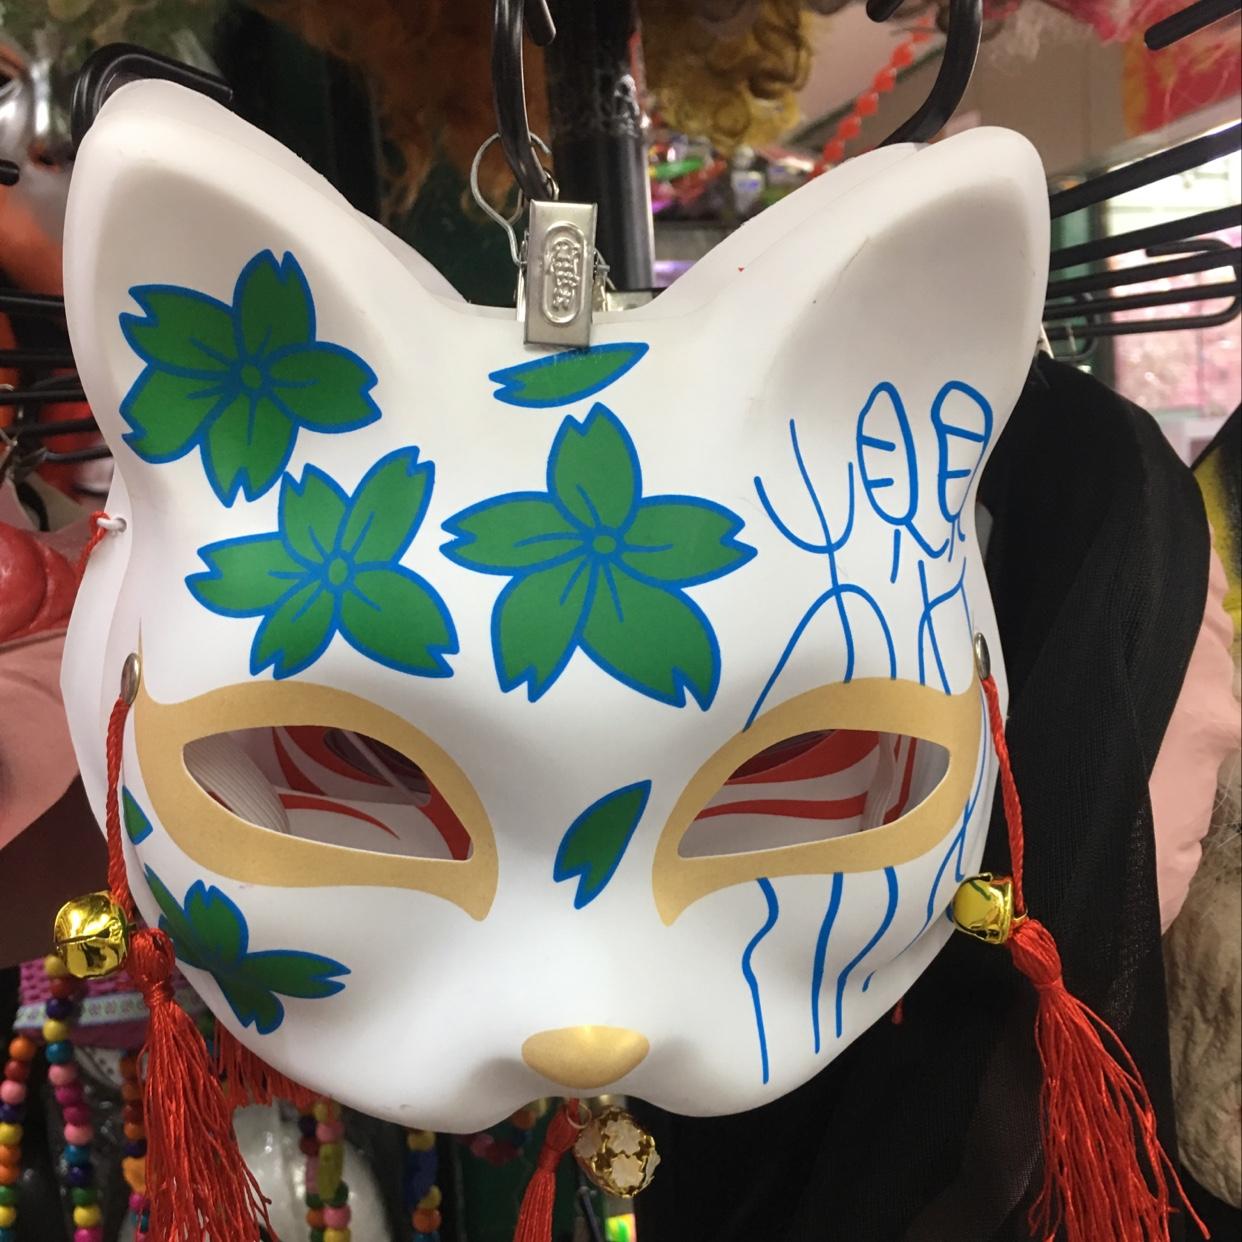 抖音爆款 彩绘面具 动漫猫脸面罩 塑料面具